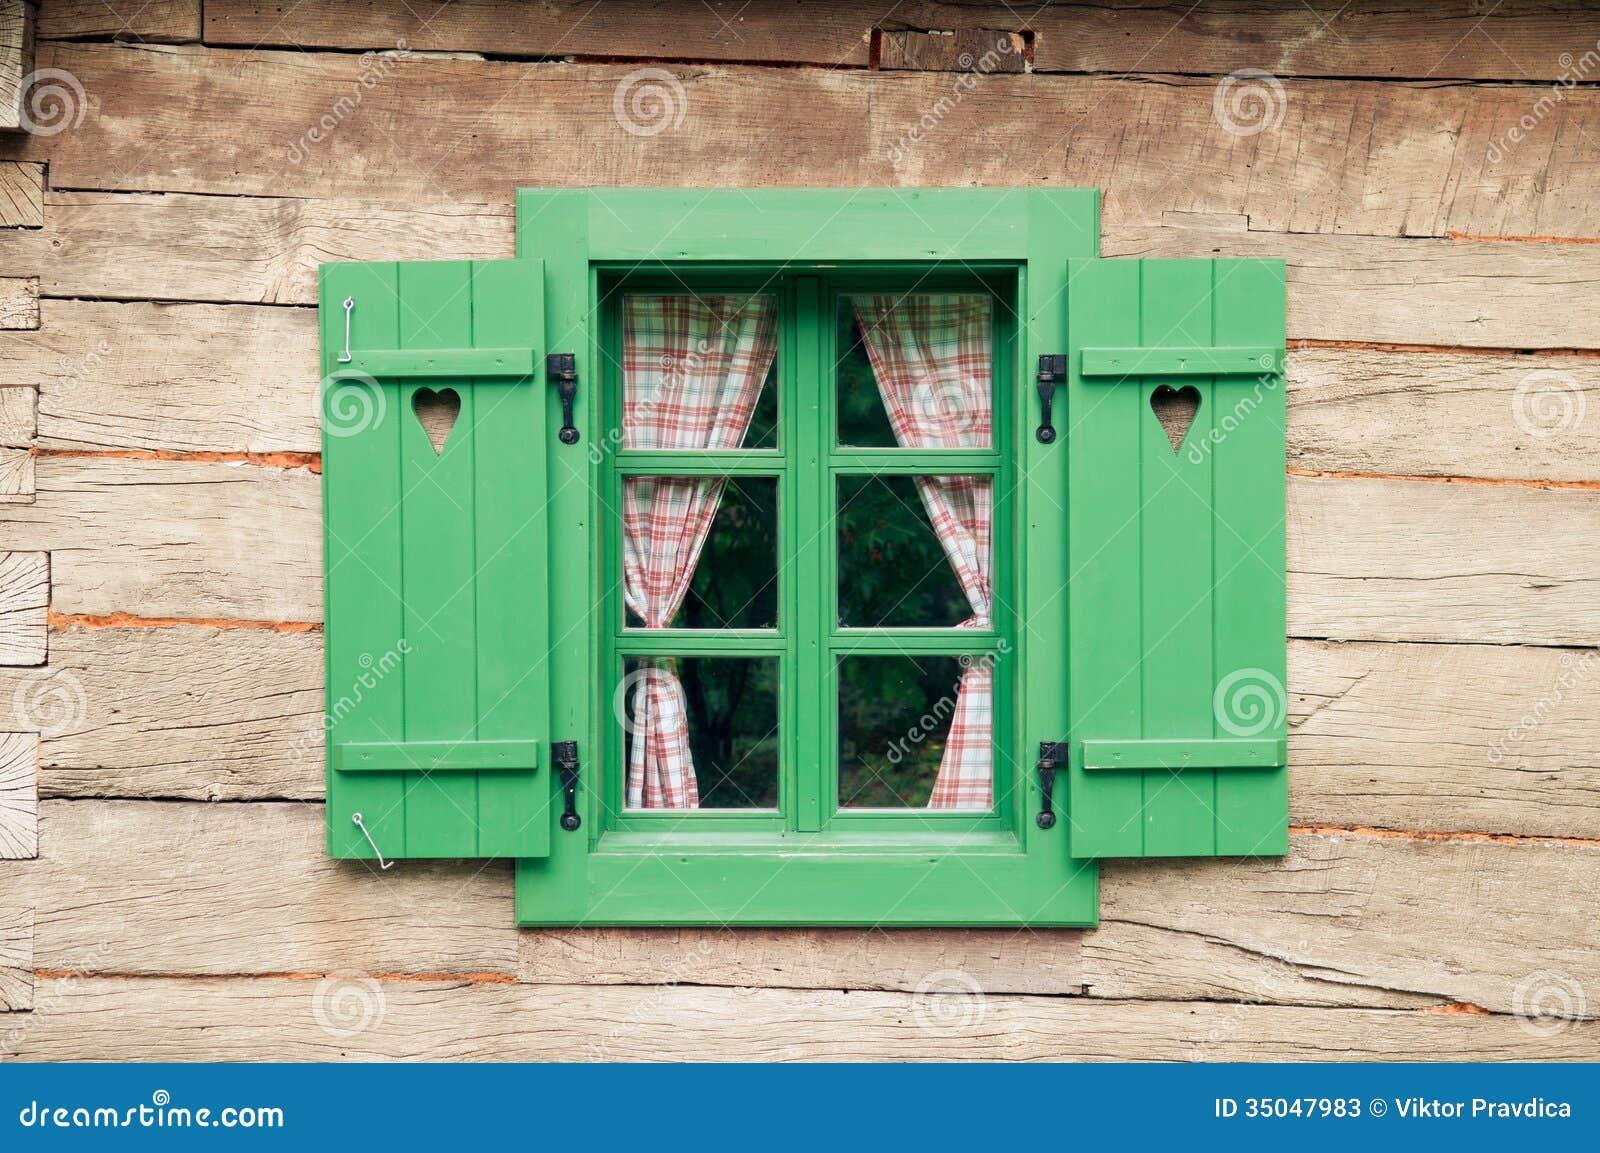 Romantic Log Cabin Stock Image Image Of Frame Shutter